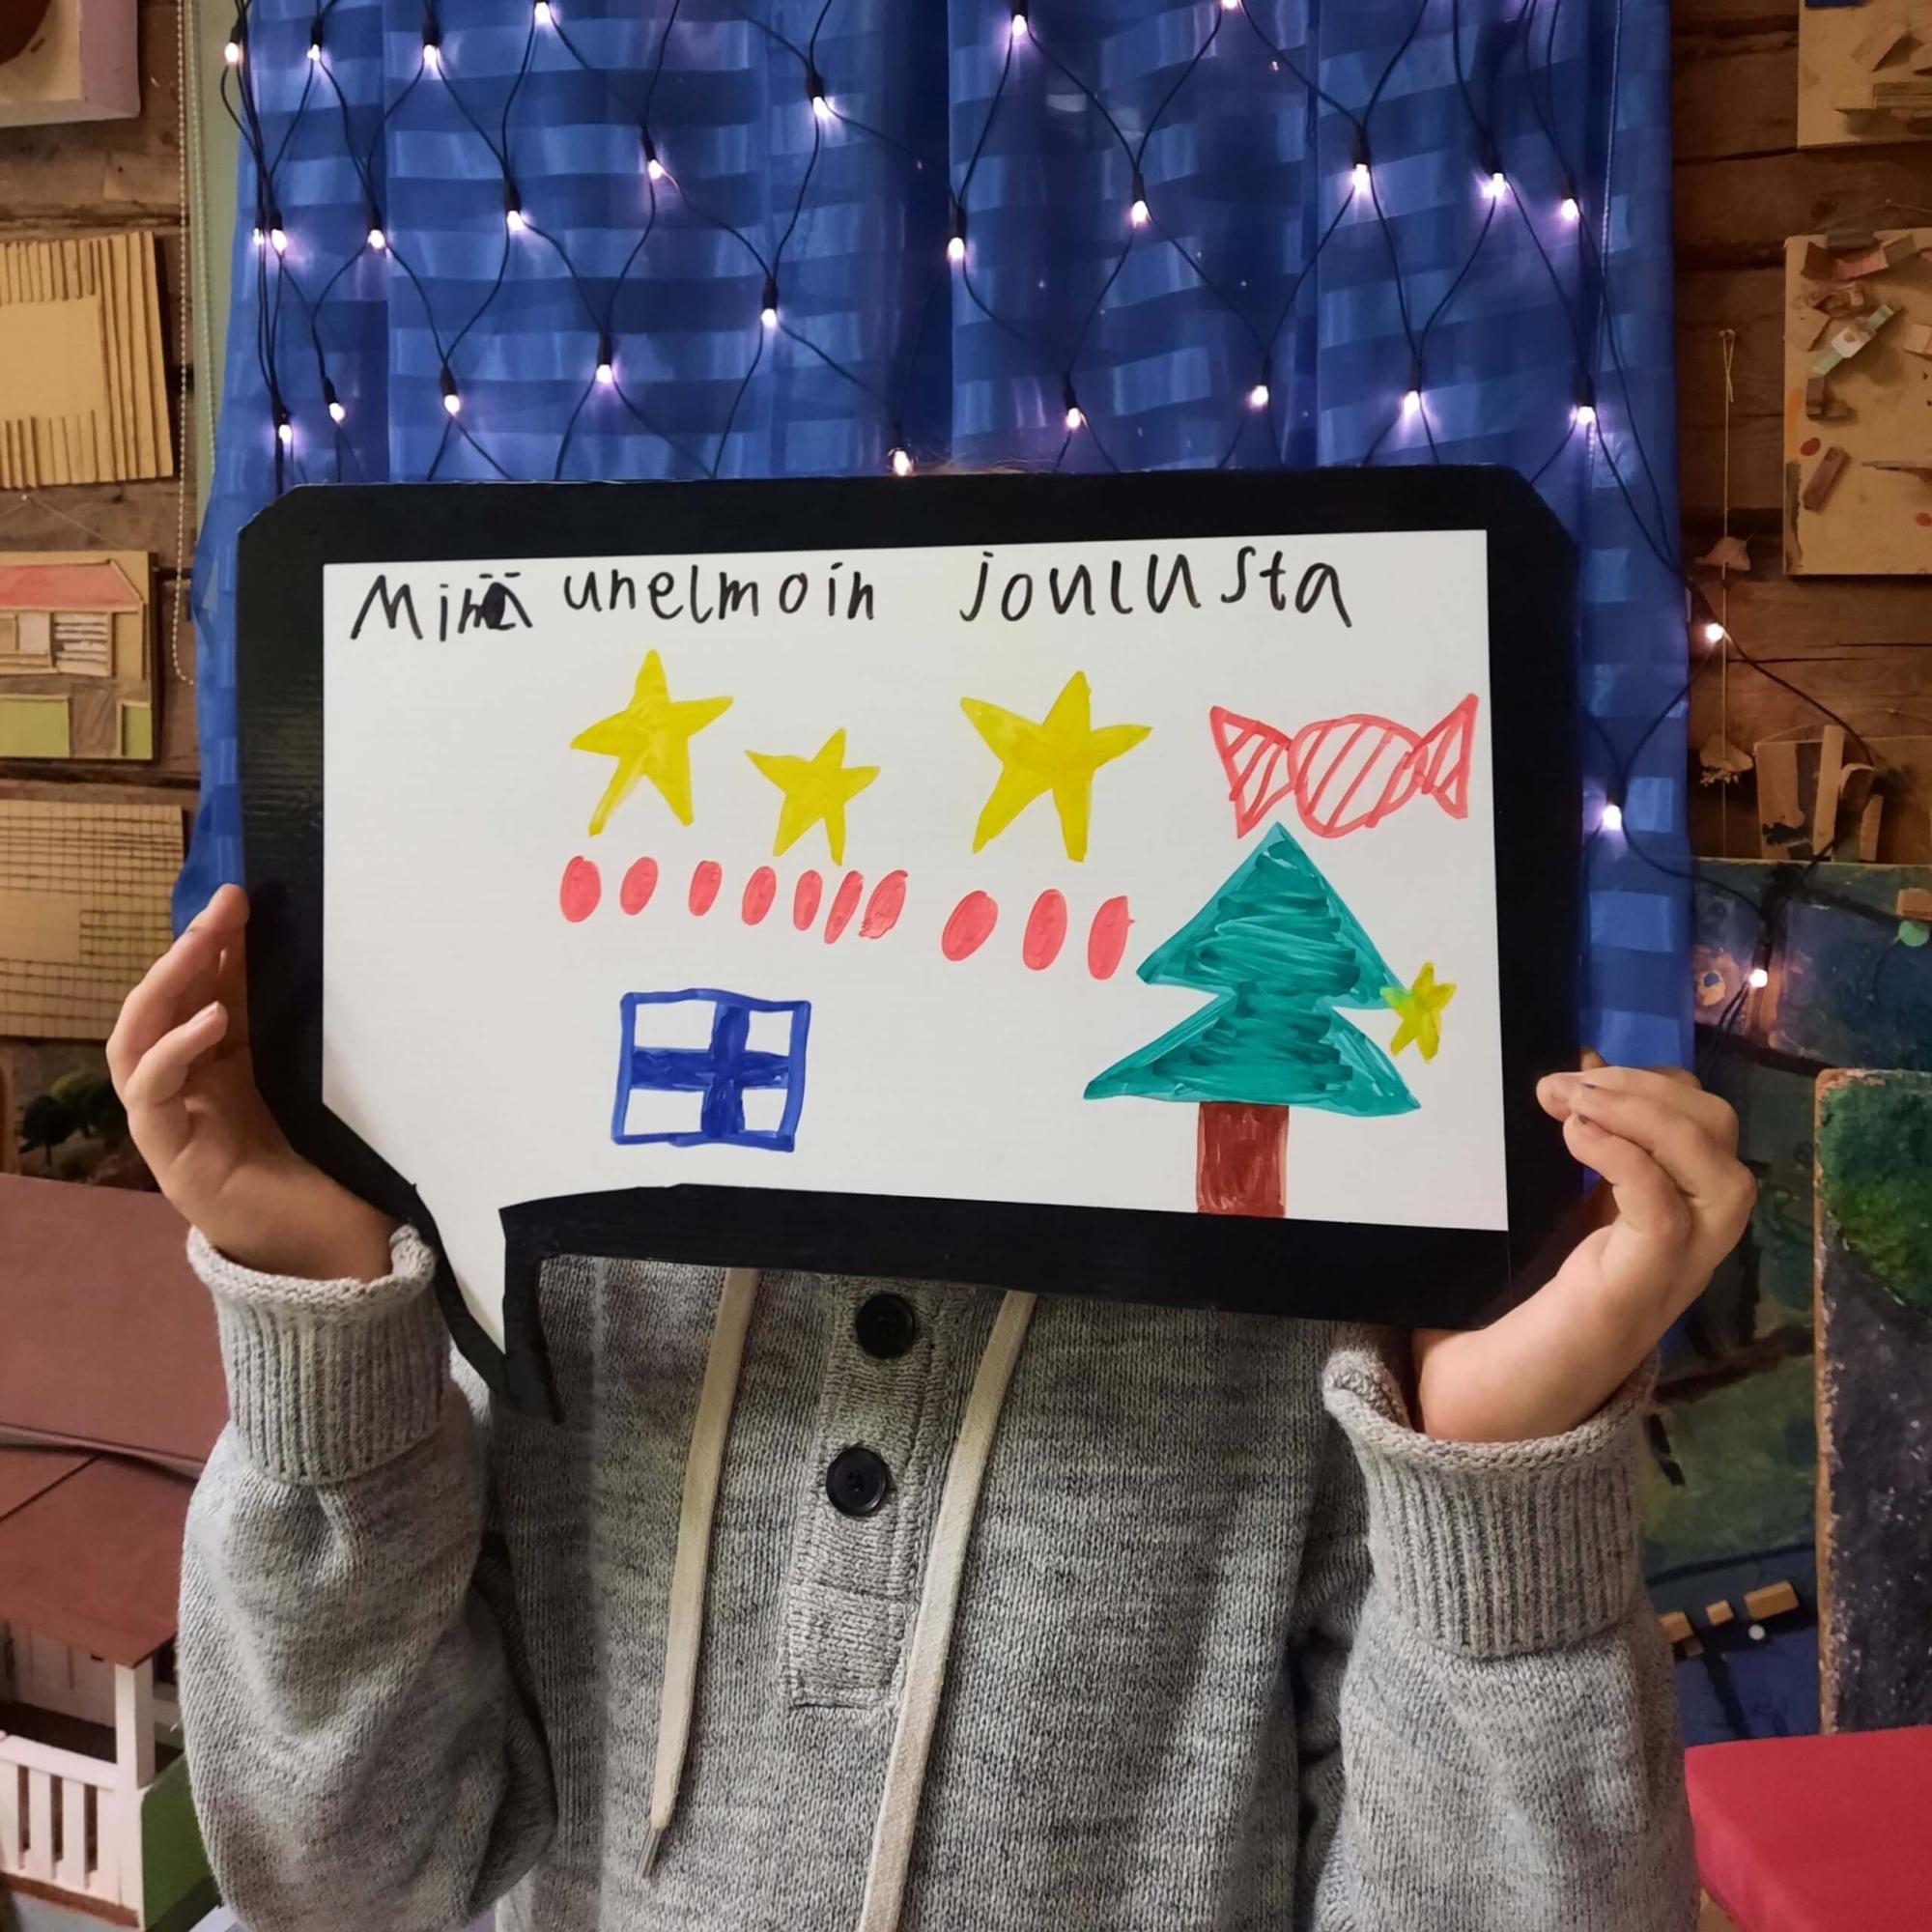 Arkkitehtuuri- ja ympäristökulttuurikoulu Lastun taiteen perusopetusryhmä Tuumat unelmoivat ja kirjoittivat sekä piirsivät unelmiaan ajatuskupliin.